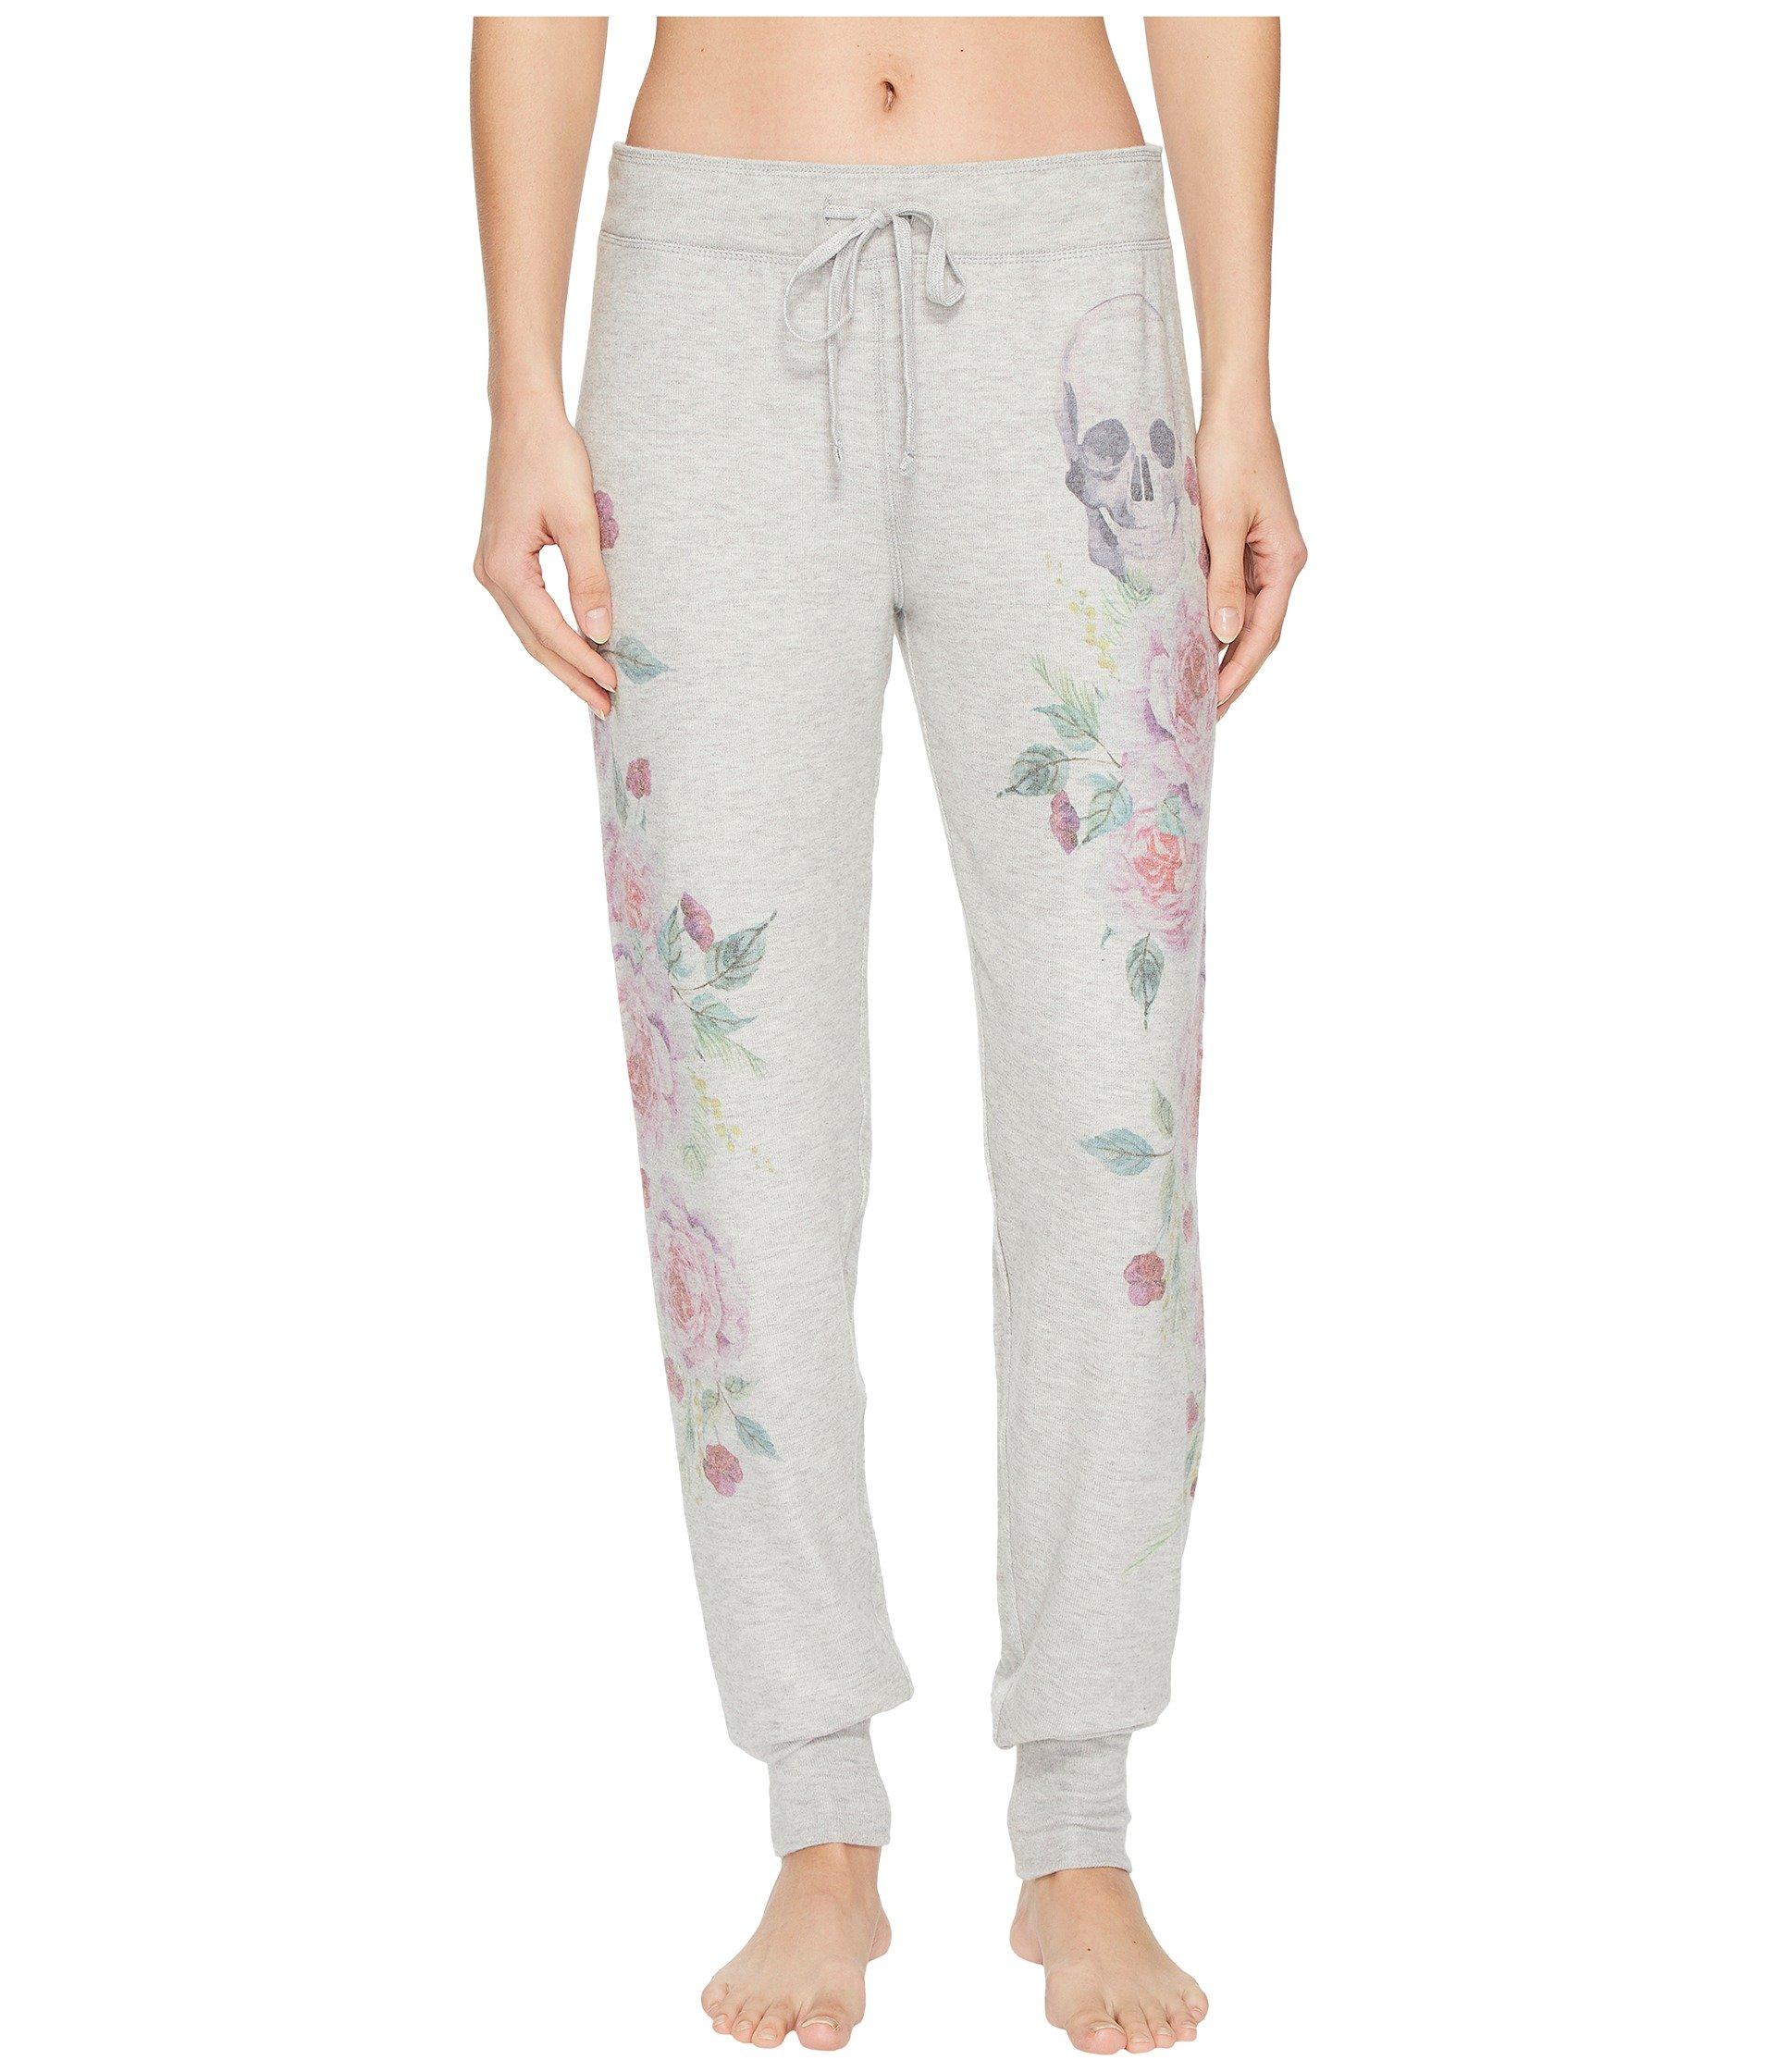 Pantalón de Pijama para Mujer P.J. Salvage Skulls and Roses Jogger  + P.J. Salvage en VeoyCompro.net